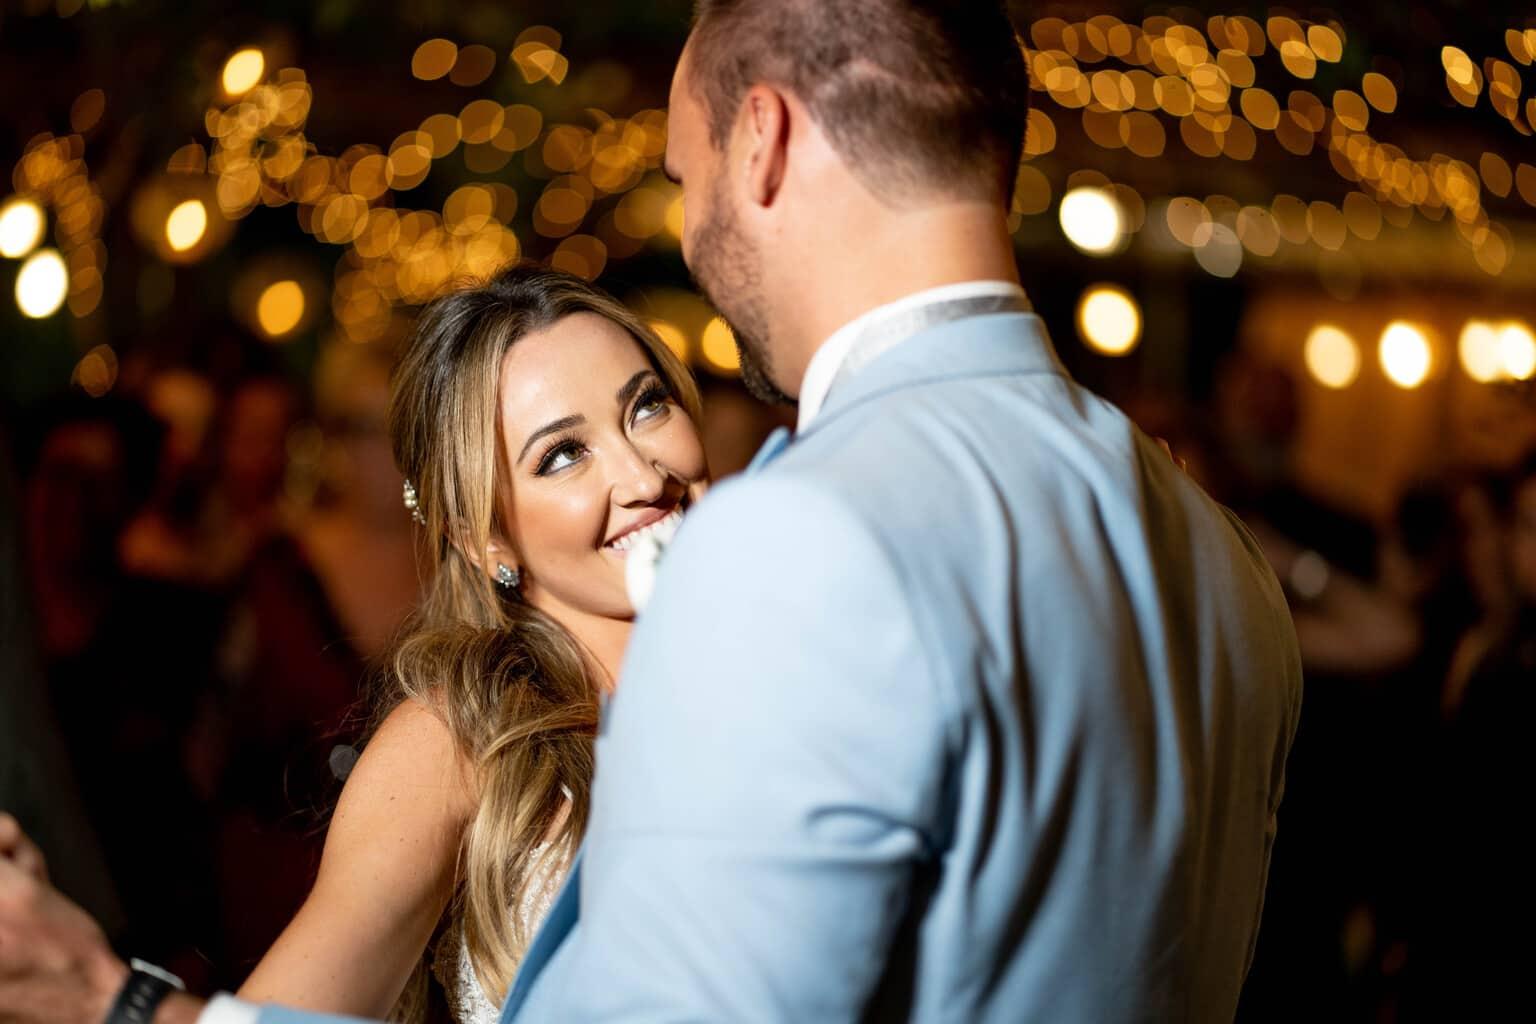 Casamento-Heloisa-e-Eduardo-Bolsonaro-cerimonial-Márcia-Santiago-Fotografia-Davi-Nascimento-noivos-na-pista-pista21